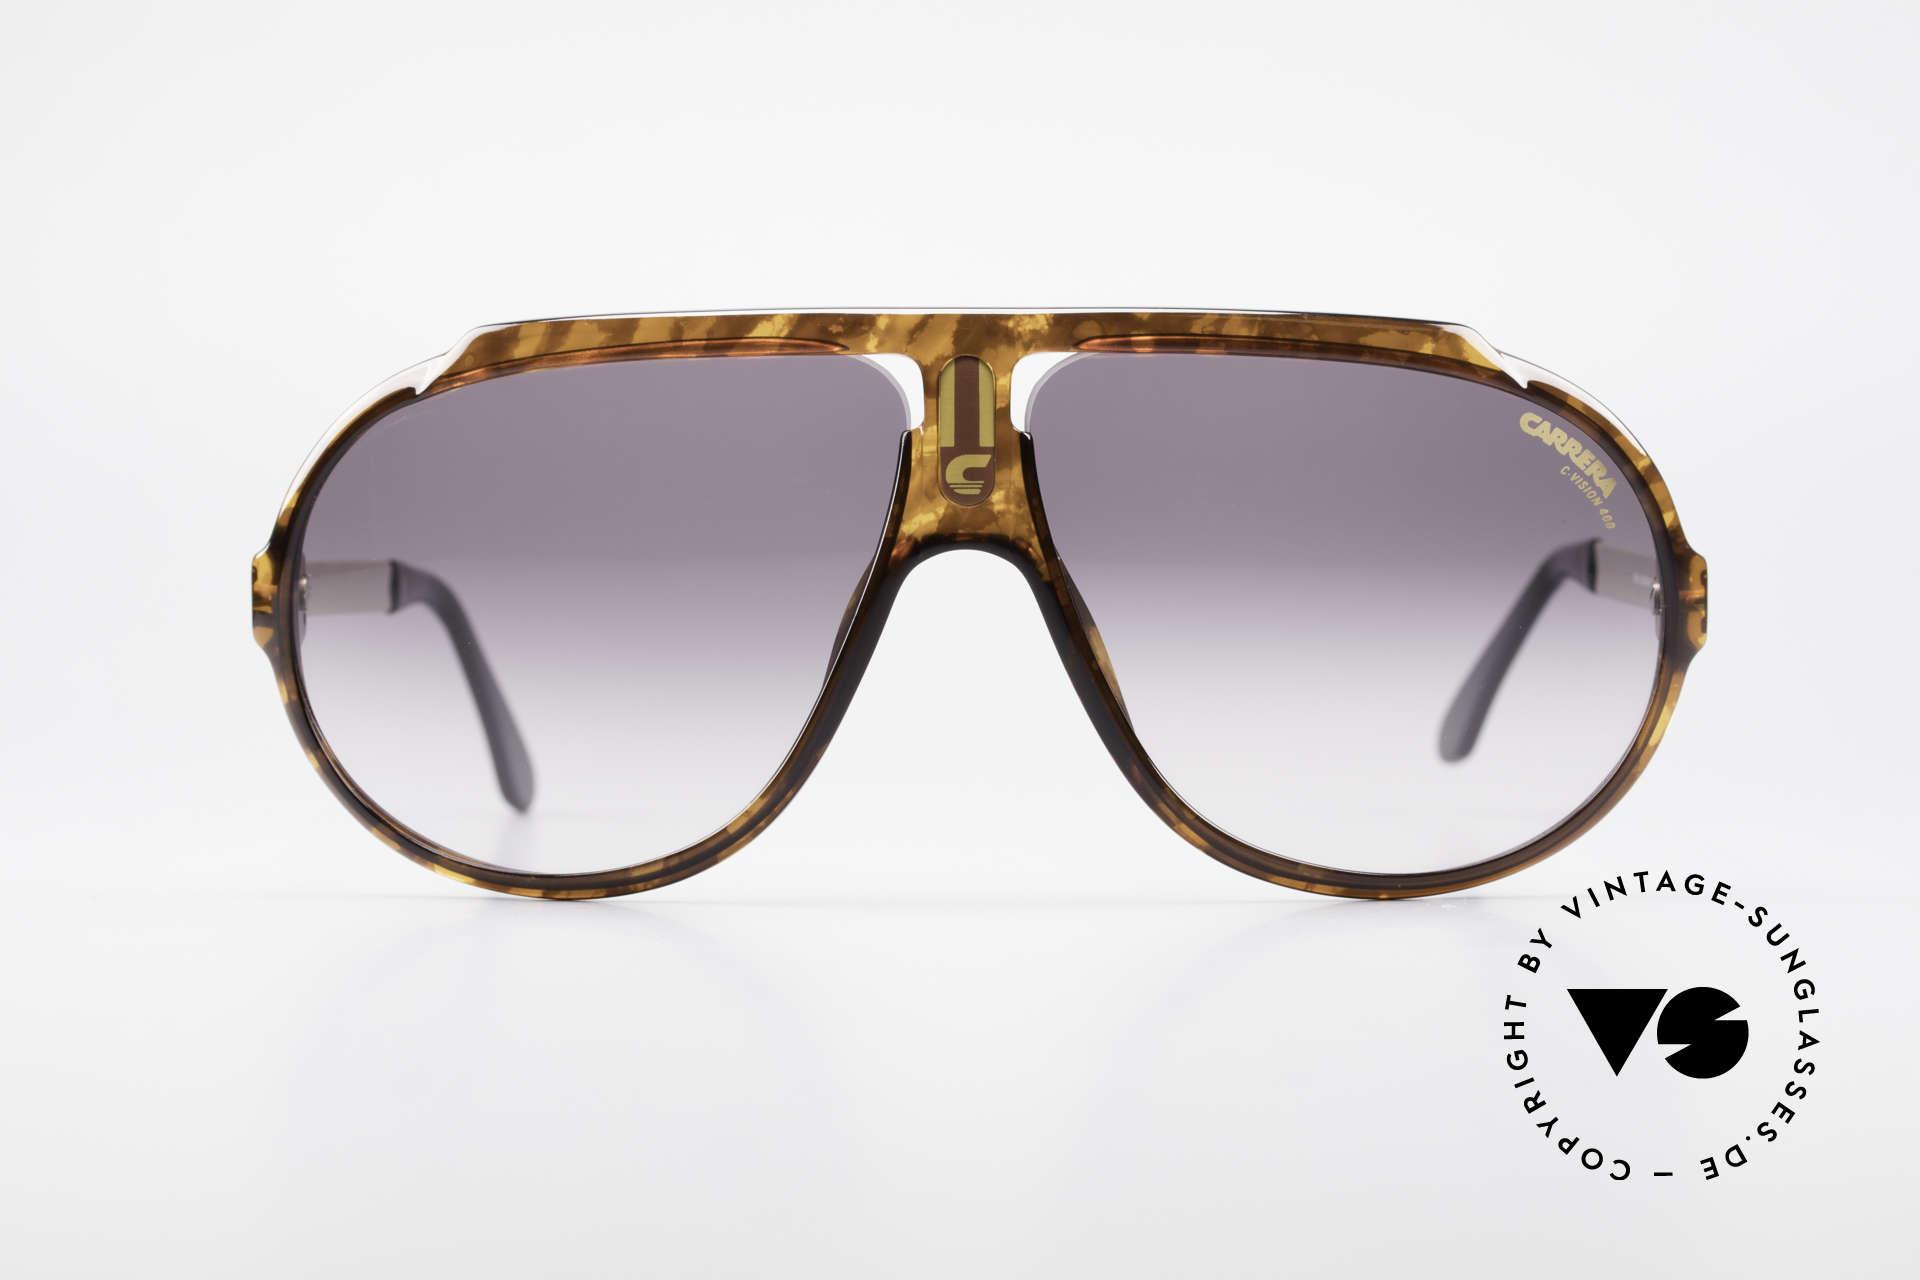 92ad2cecc90cf Sunglasses Carrera 5512 80 s Miami Vice Sunglasses